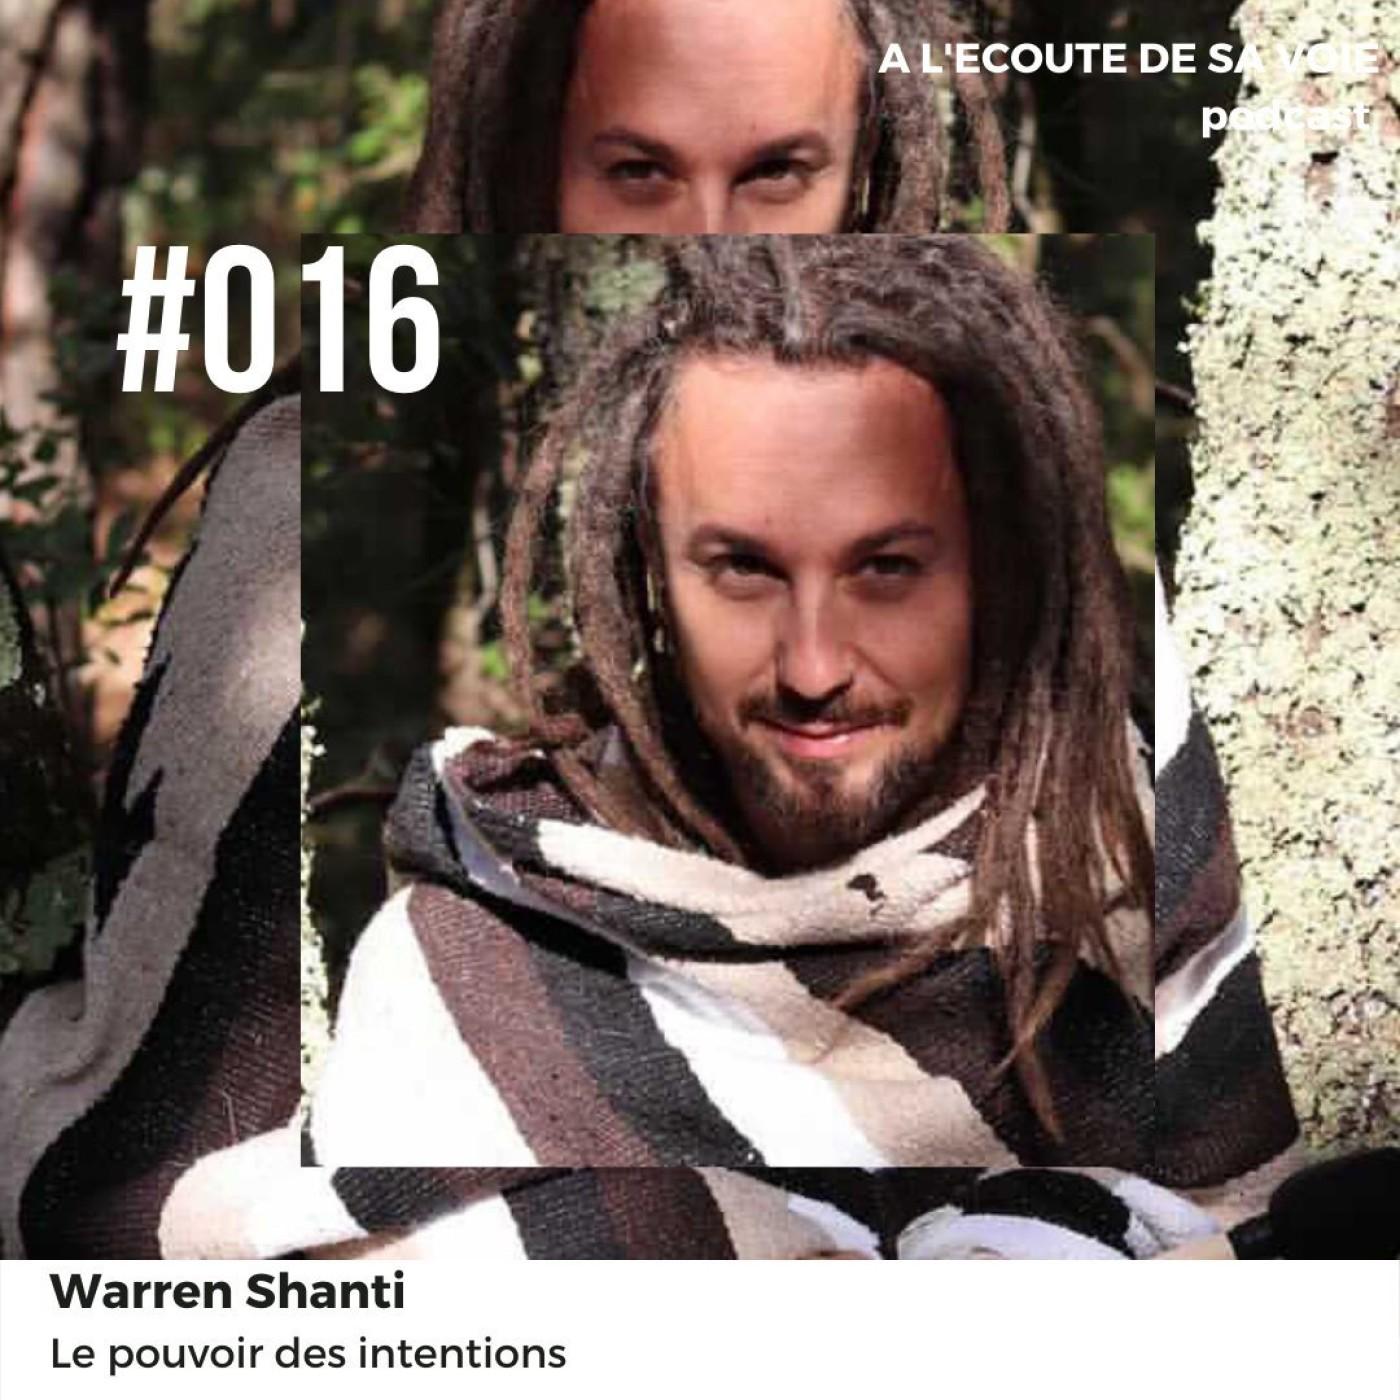 #016 Warren Shanti - Le pouvoir des intentions